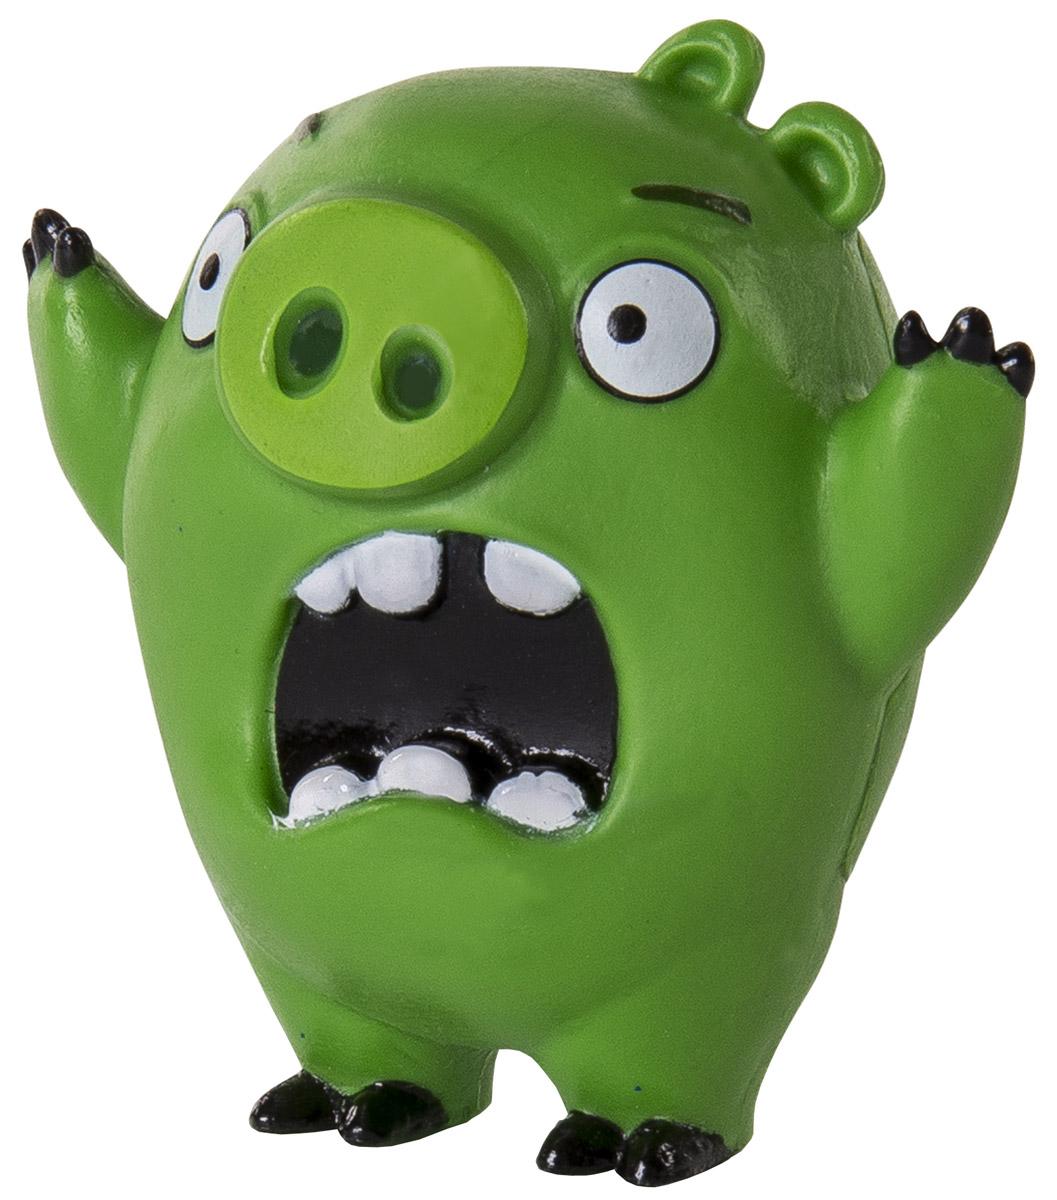 Angry Birds Мини-фигурка The Pigs вид 290501_The Pigs вид 2Мини-фигурка Angry Birds The Pigs - подарок для любого поклонника сердитых птичек и зеленых поросят! Игрушка выполнена из пластика и очень тщательно детализирована. Фигурка очень ярко и точно отражает характер героя и его эмоции. Соберите всю коллекцию смешных персонажей Angry Birds!